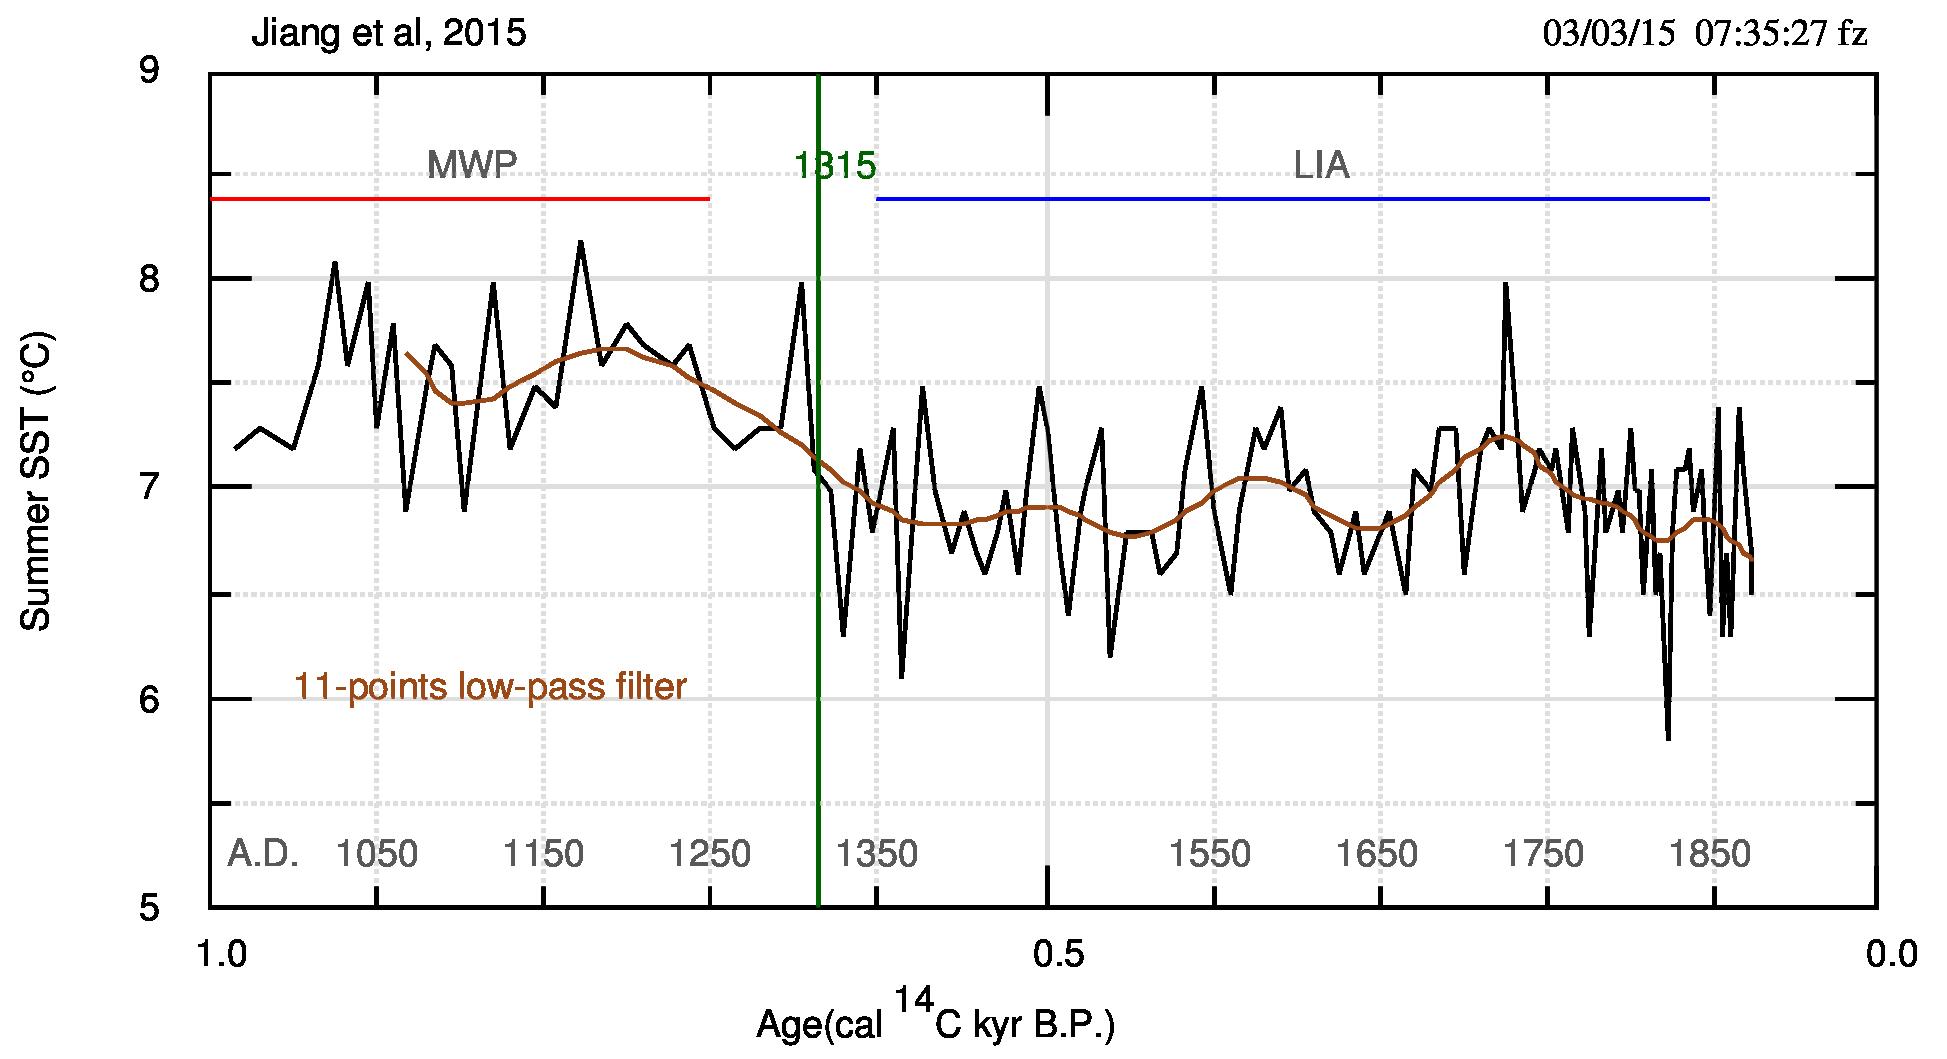 """Fig.3. I dati j2015 nell'intervallo 0-1 kyr BP. Notare come si """"leggono"""" bene sia il Periodo Caldo Medievale (MWP) che la Piccola Età Glaciale (LIA). La linea verticale verde segna il passaggio tra i due periodi, caratterizzato da un brusco salto attorno al 1315."""